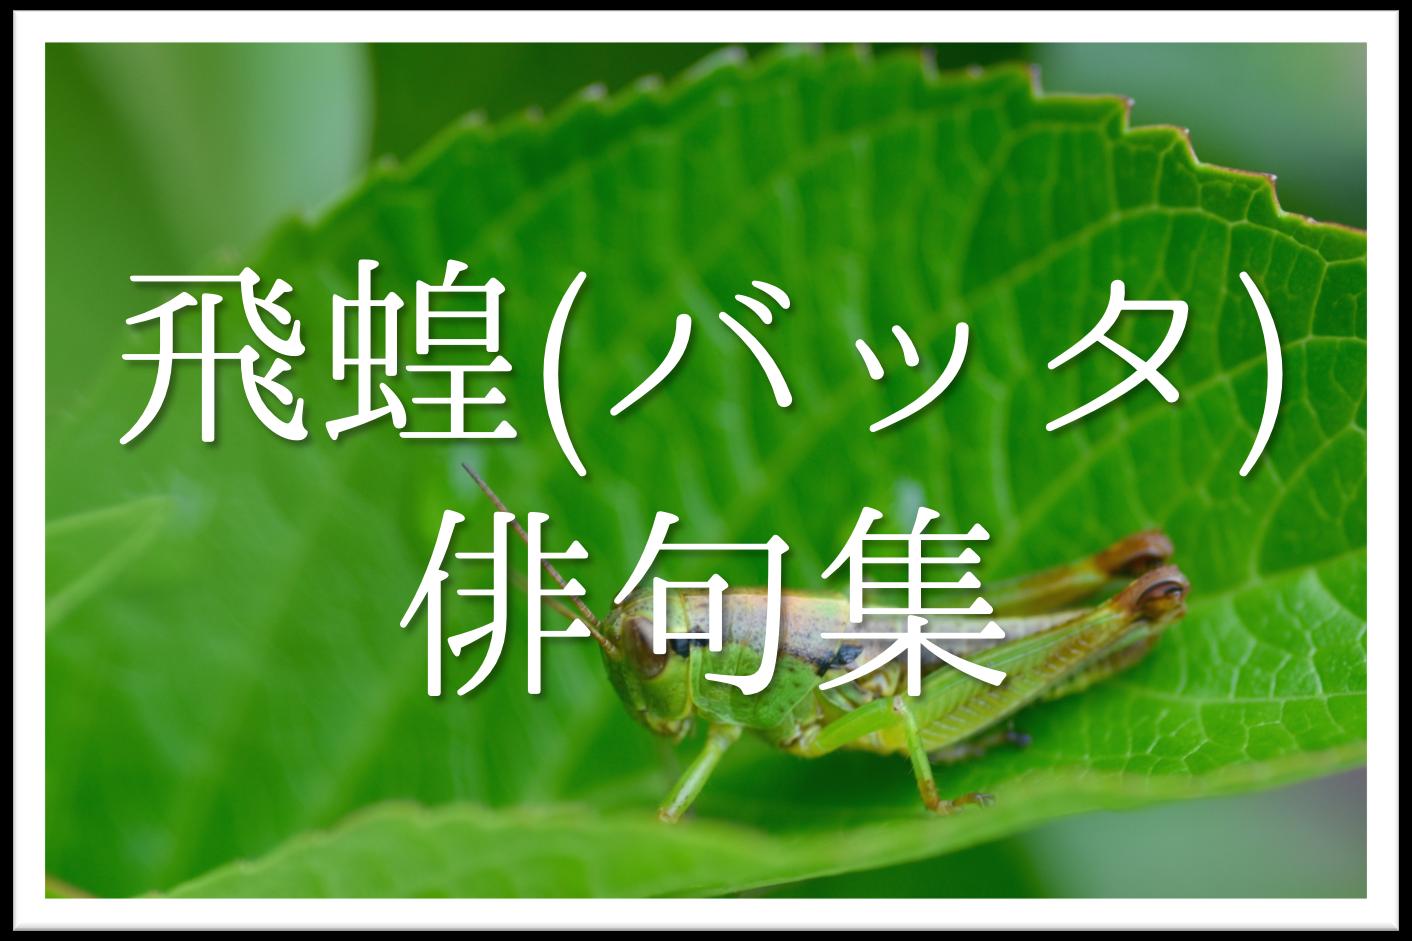 【飛蝗(ばった)の俳句 20選】知っておきたい!!季語を含むおすすめ有名&素人俳句を紹介!